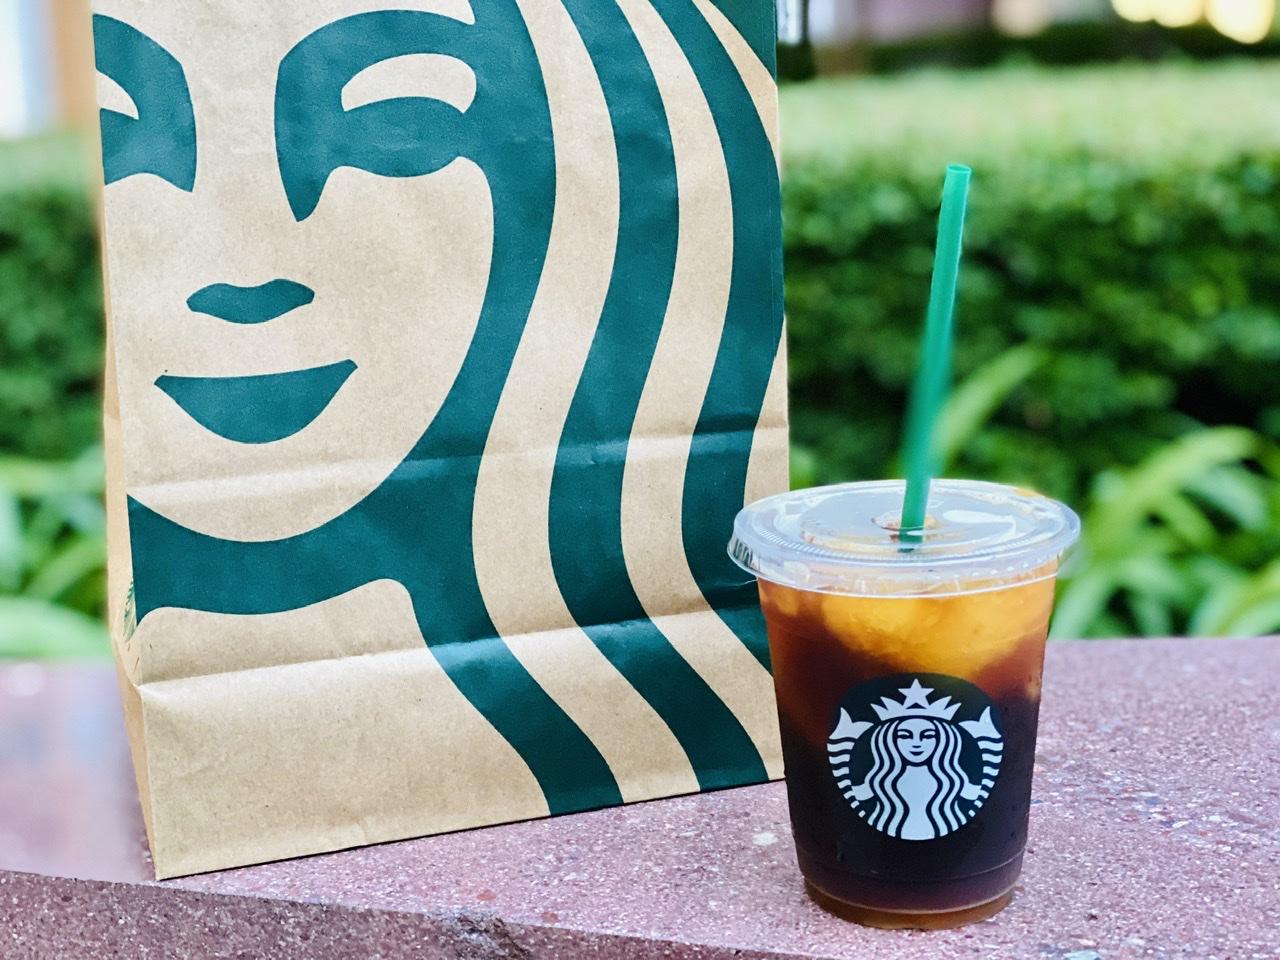 【スタバ新作】夏スタバはコレ!《コールドブリューコーヒーフローズンレモネード》が美味しすぎ♡_4